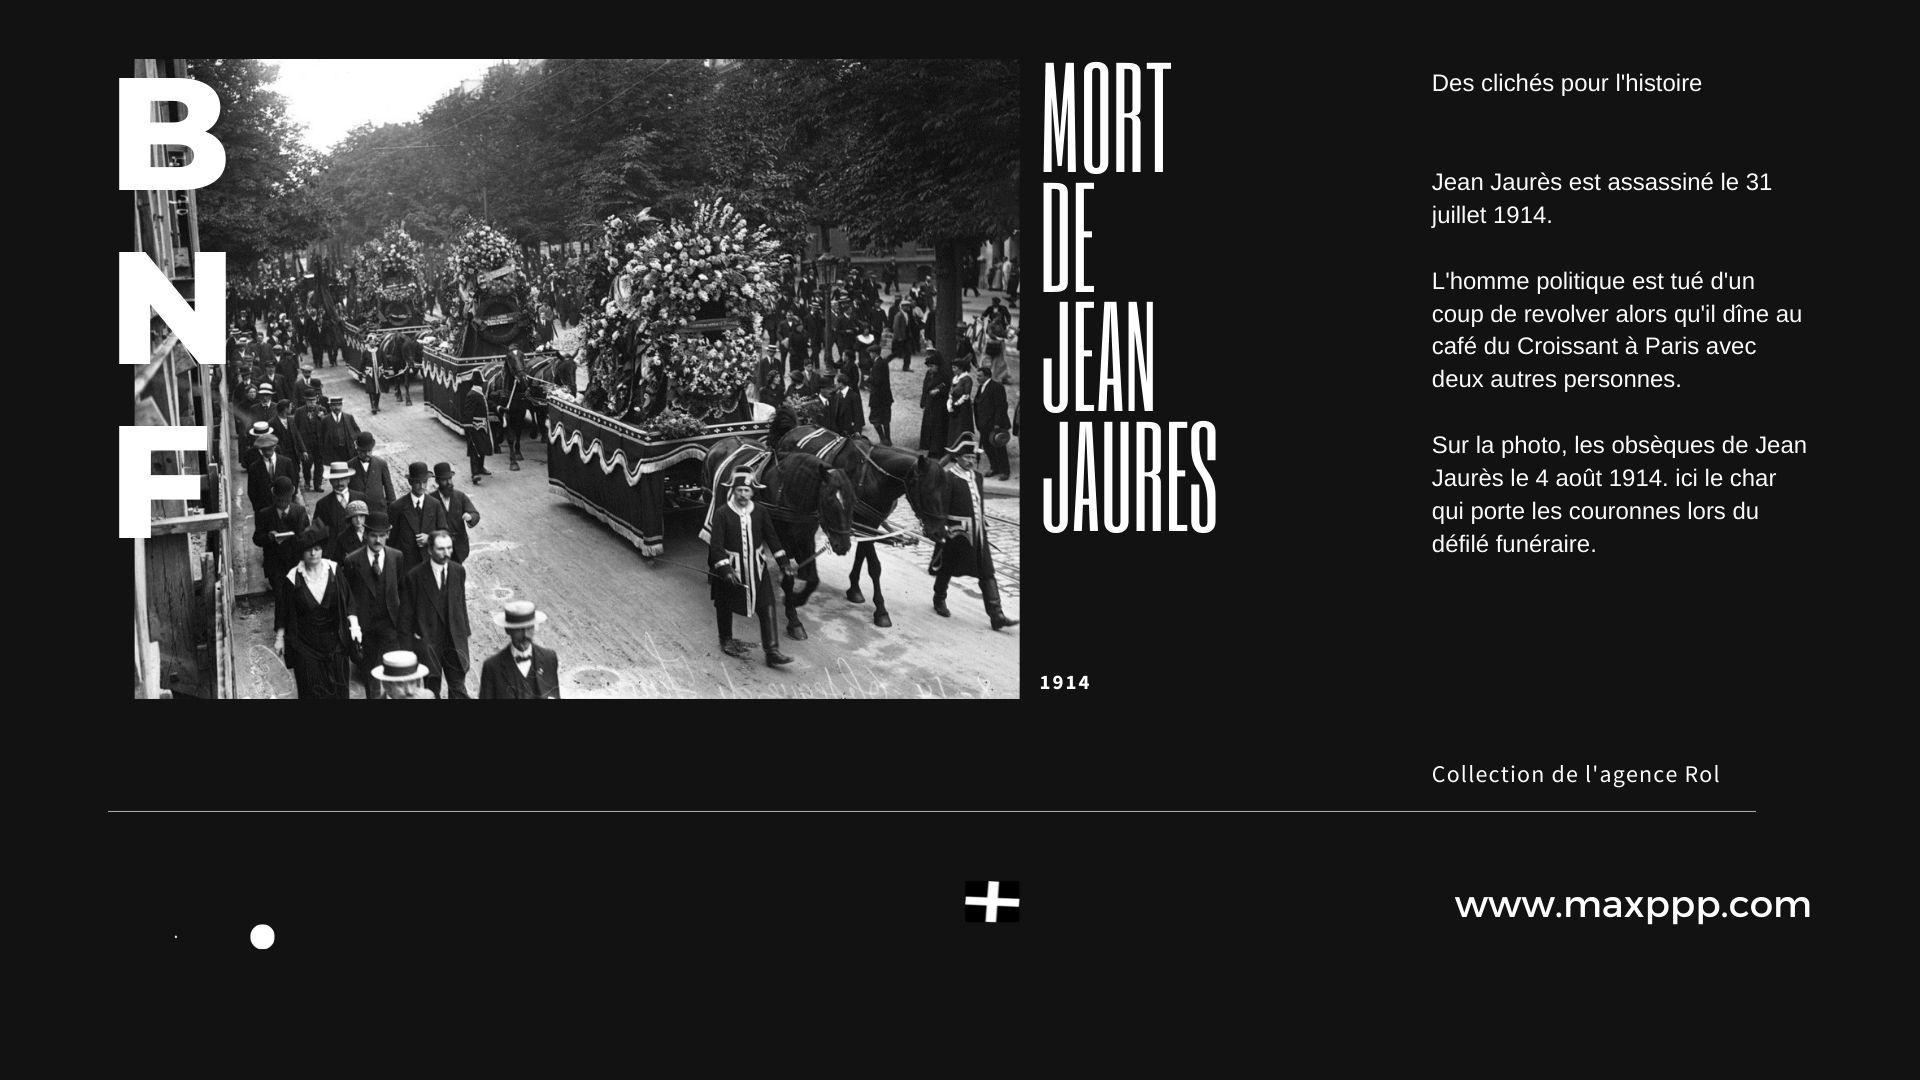 Obsèques de Jean Jaurès